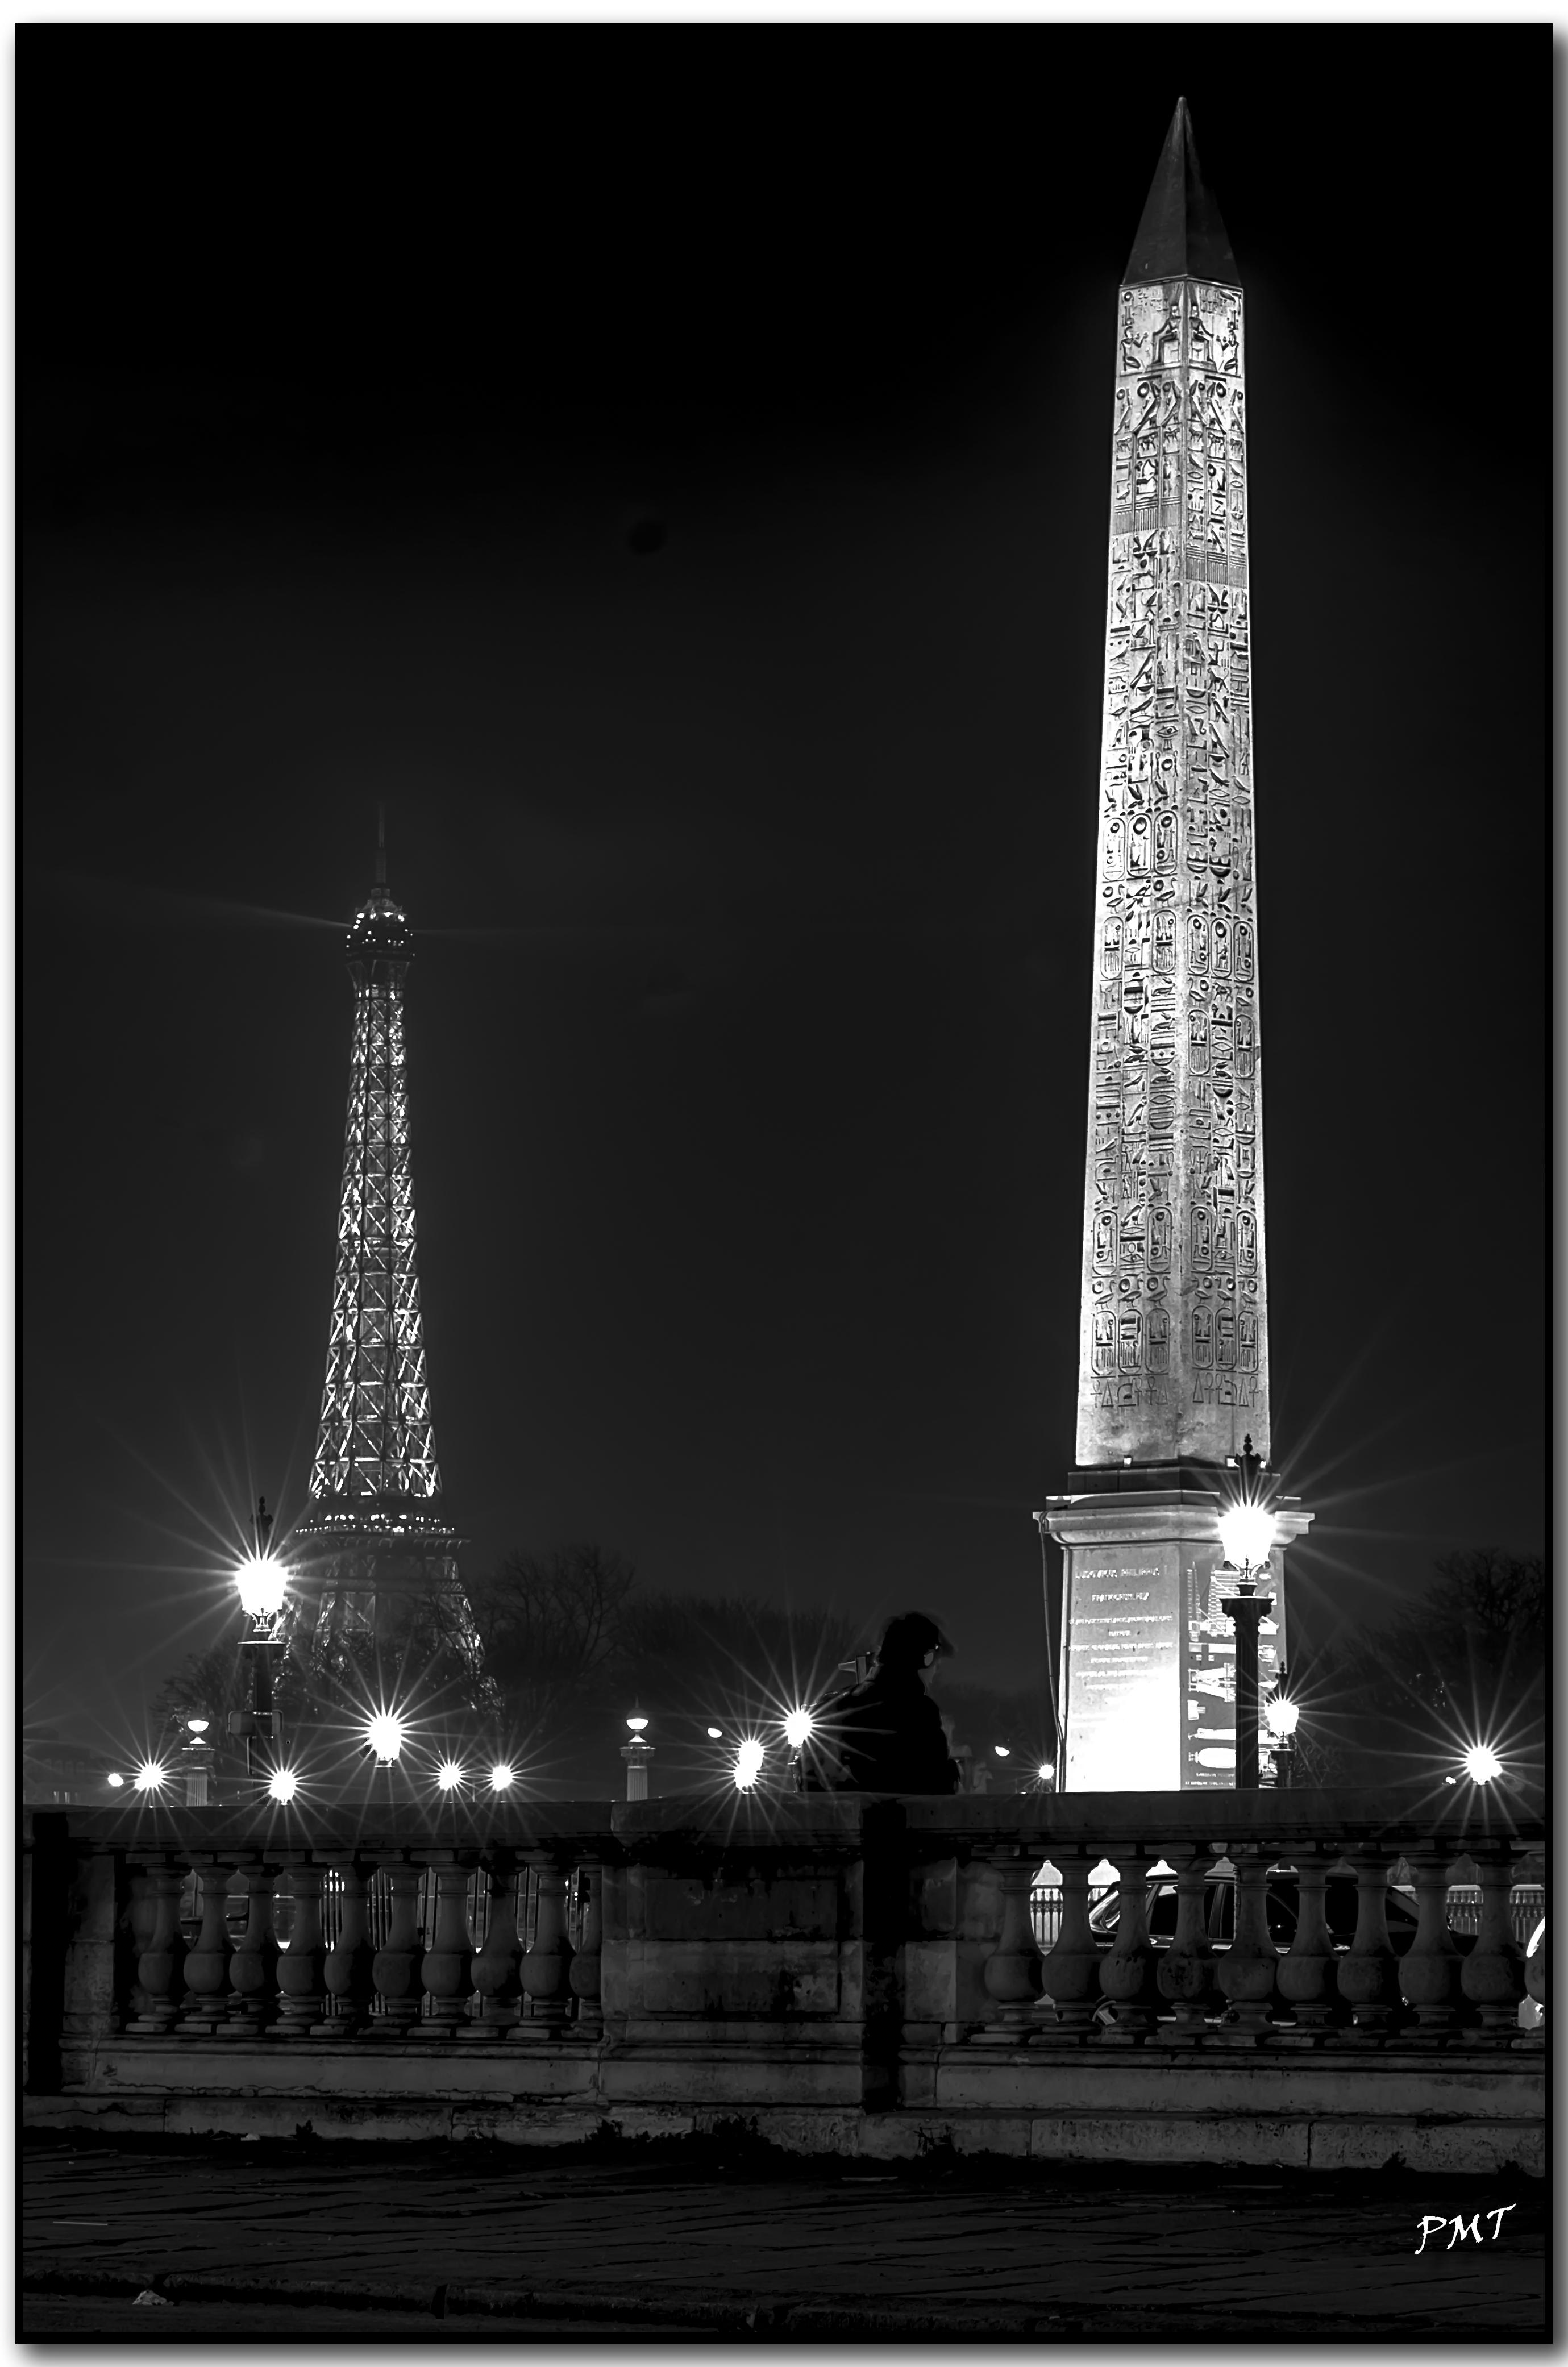 Illuminations de noël - sortie Paris du 30/11 - Page 12 Sortei30119bis